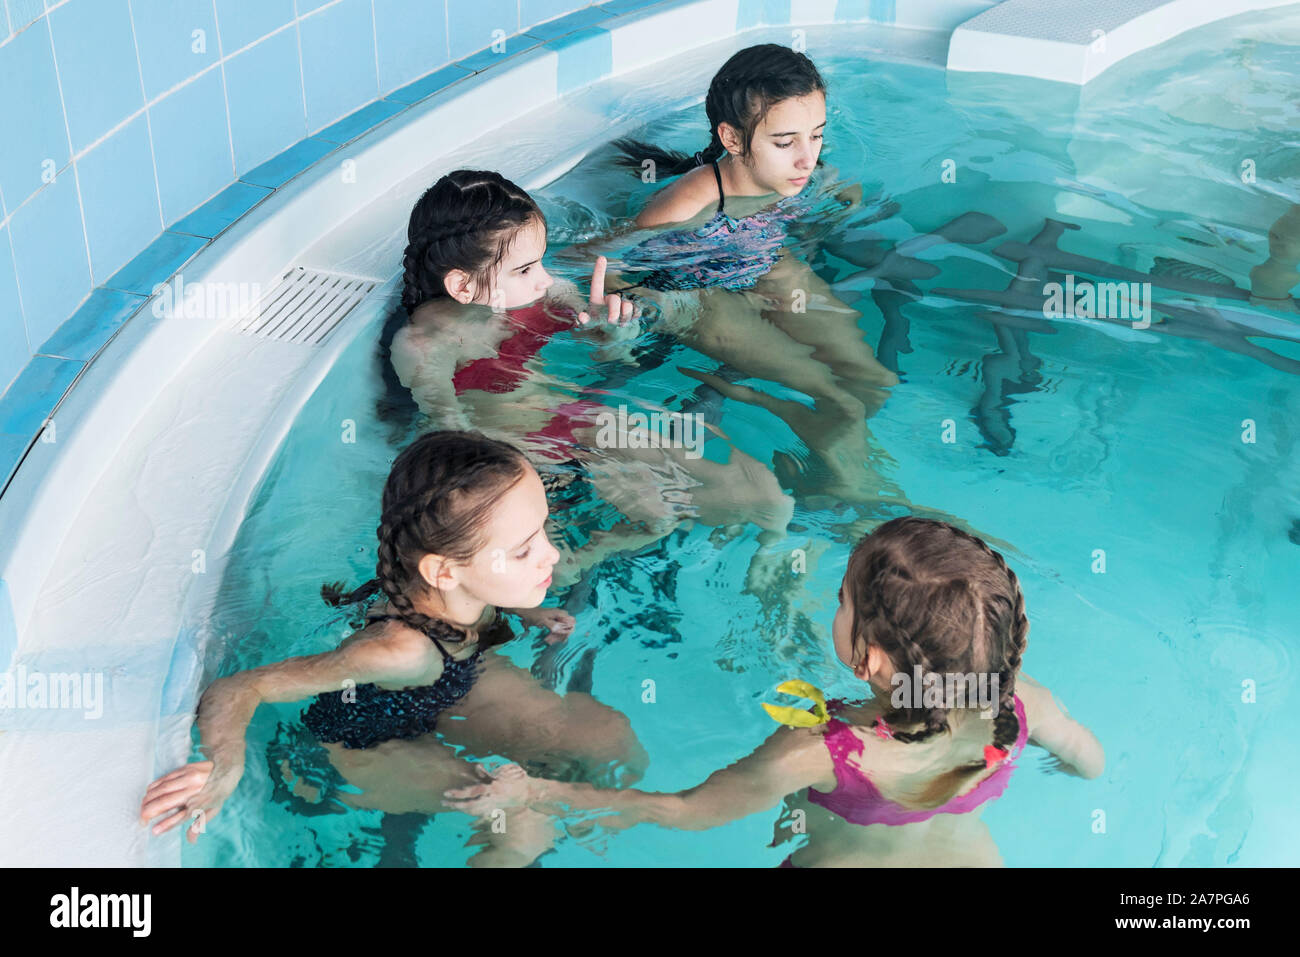 Las niñas nadar en la piscina. Feliz niñas juegan en la piscina.hermosas chicas nadar y divertirse en el agua.Las vacaciones activas. Foto de stock